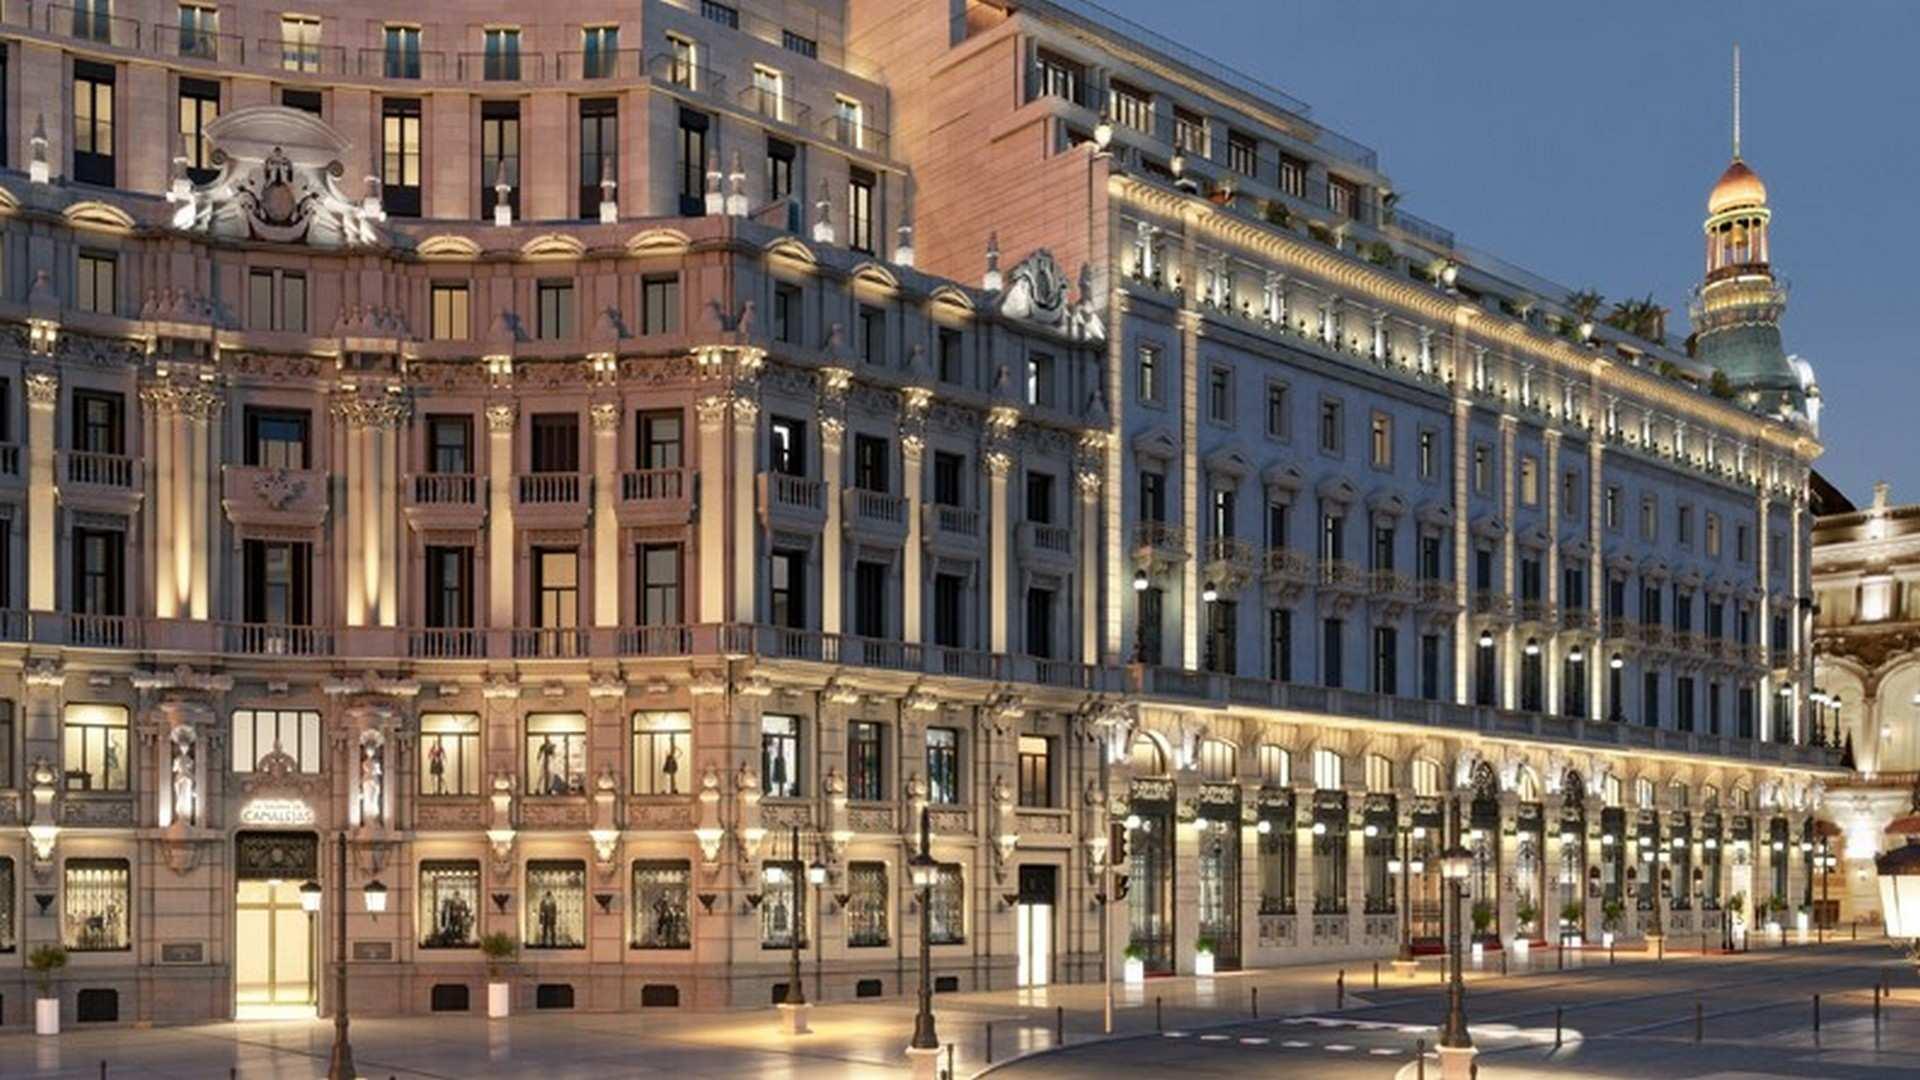 Food hall de Galería Canalejas: la nueva y esperada propuesta gastro de la capital